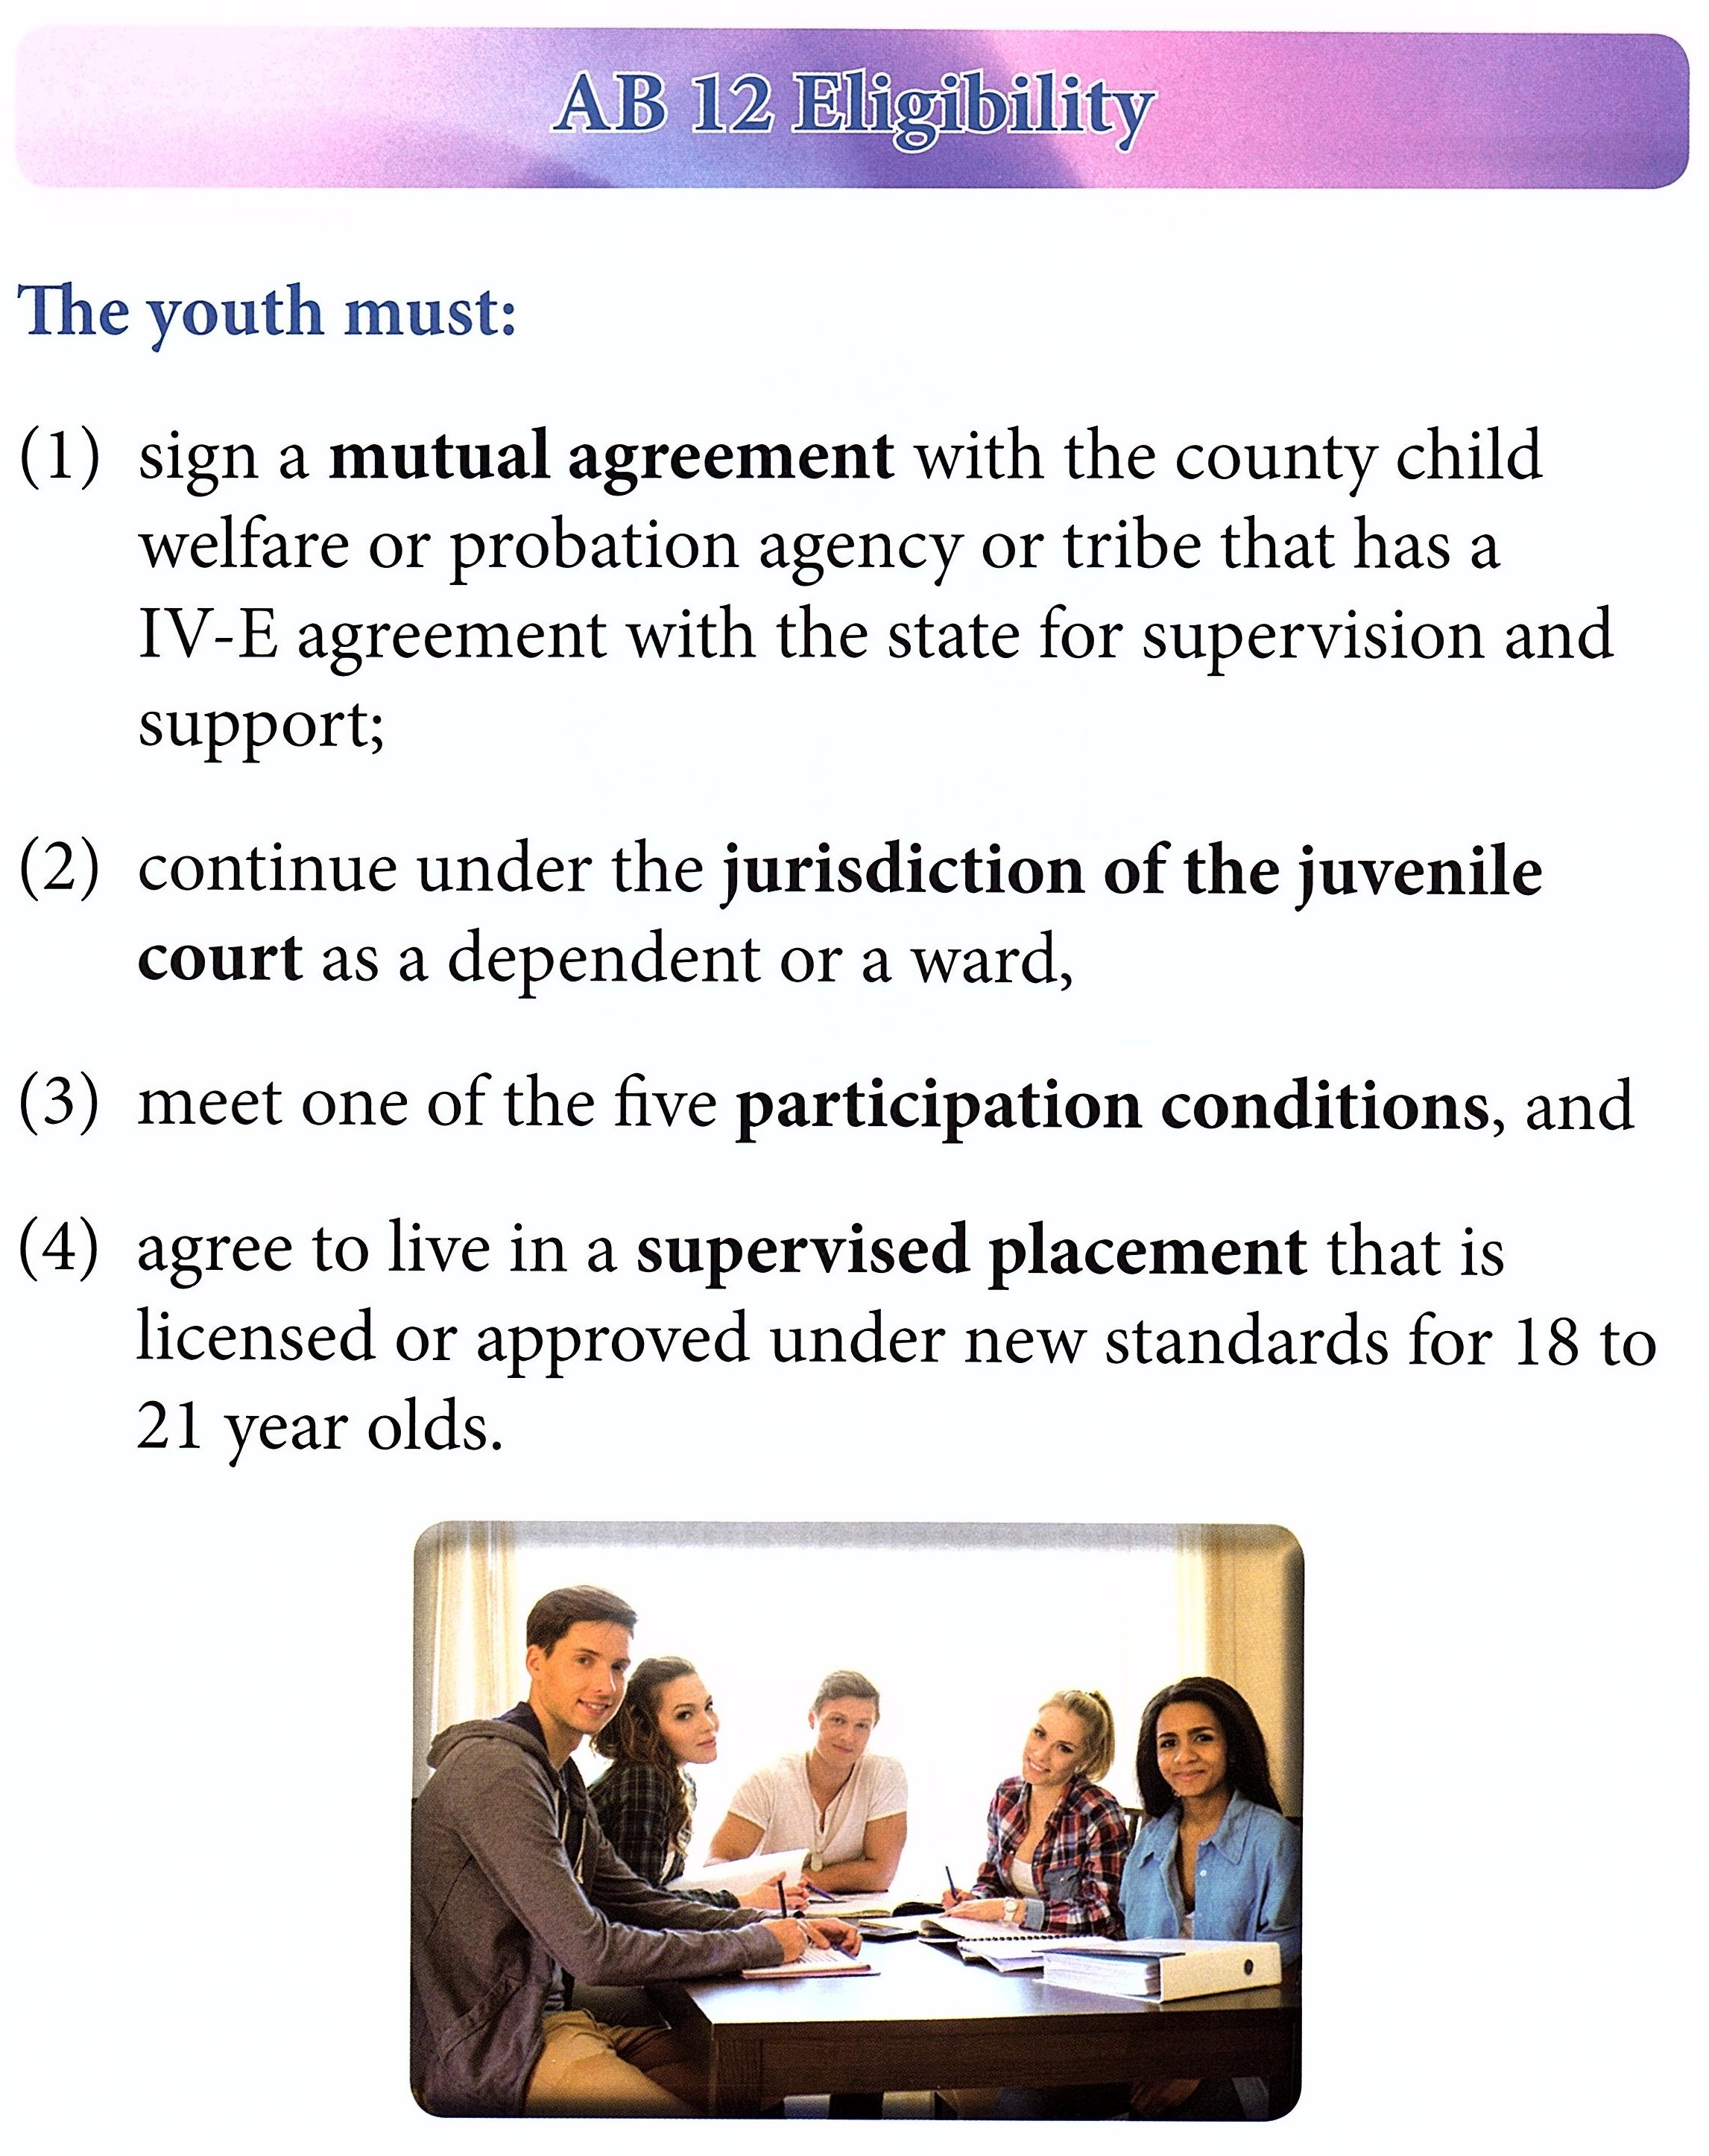 AB 12 Fact Sheet Manual